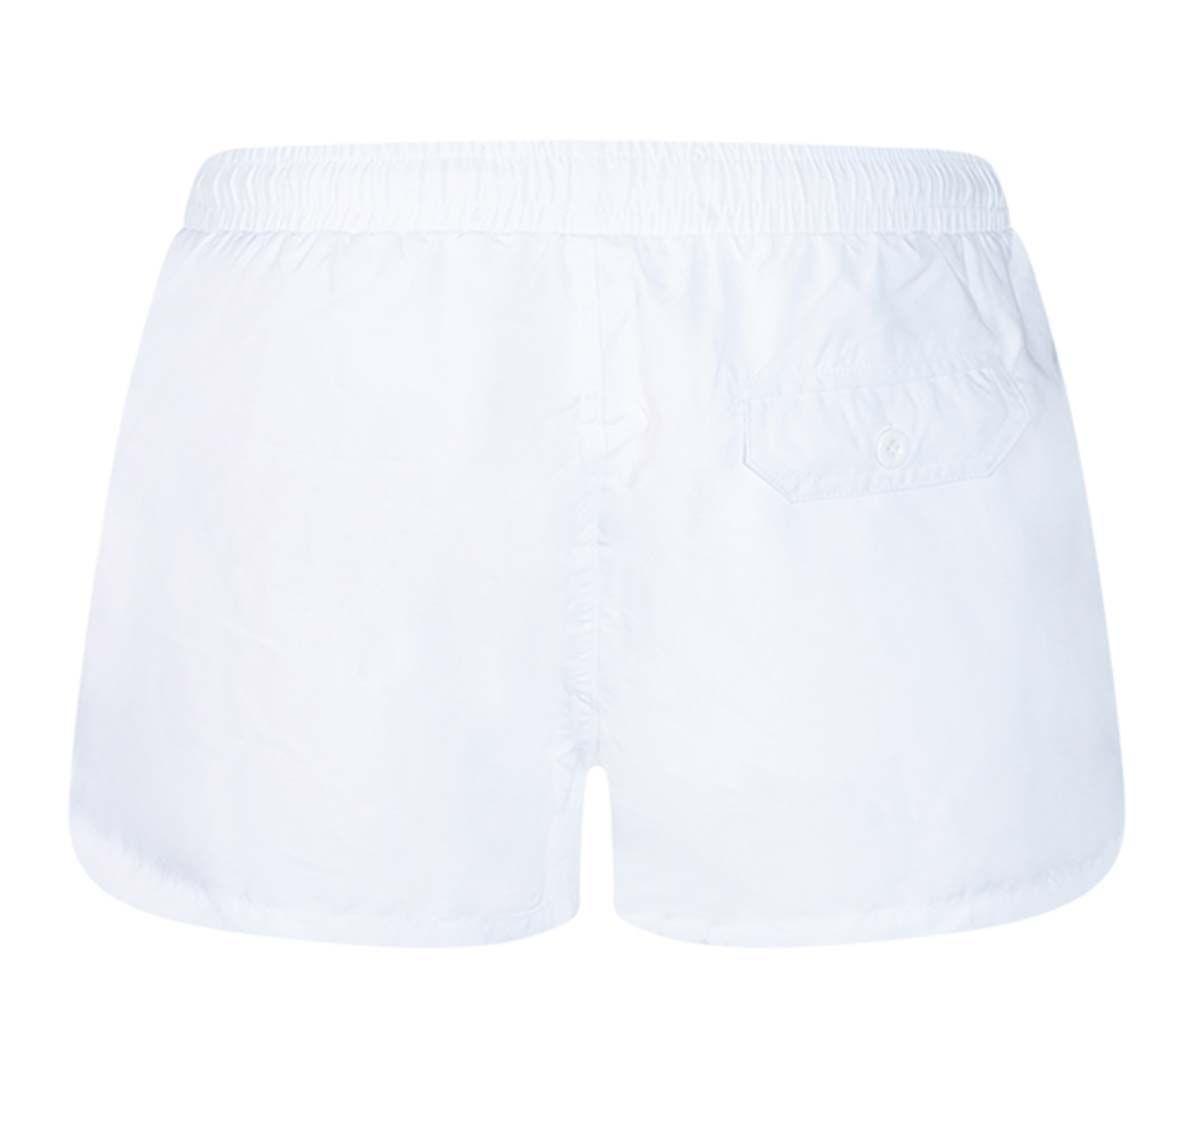 aussieBum Swim shorts Bondi Born, white